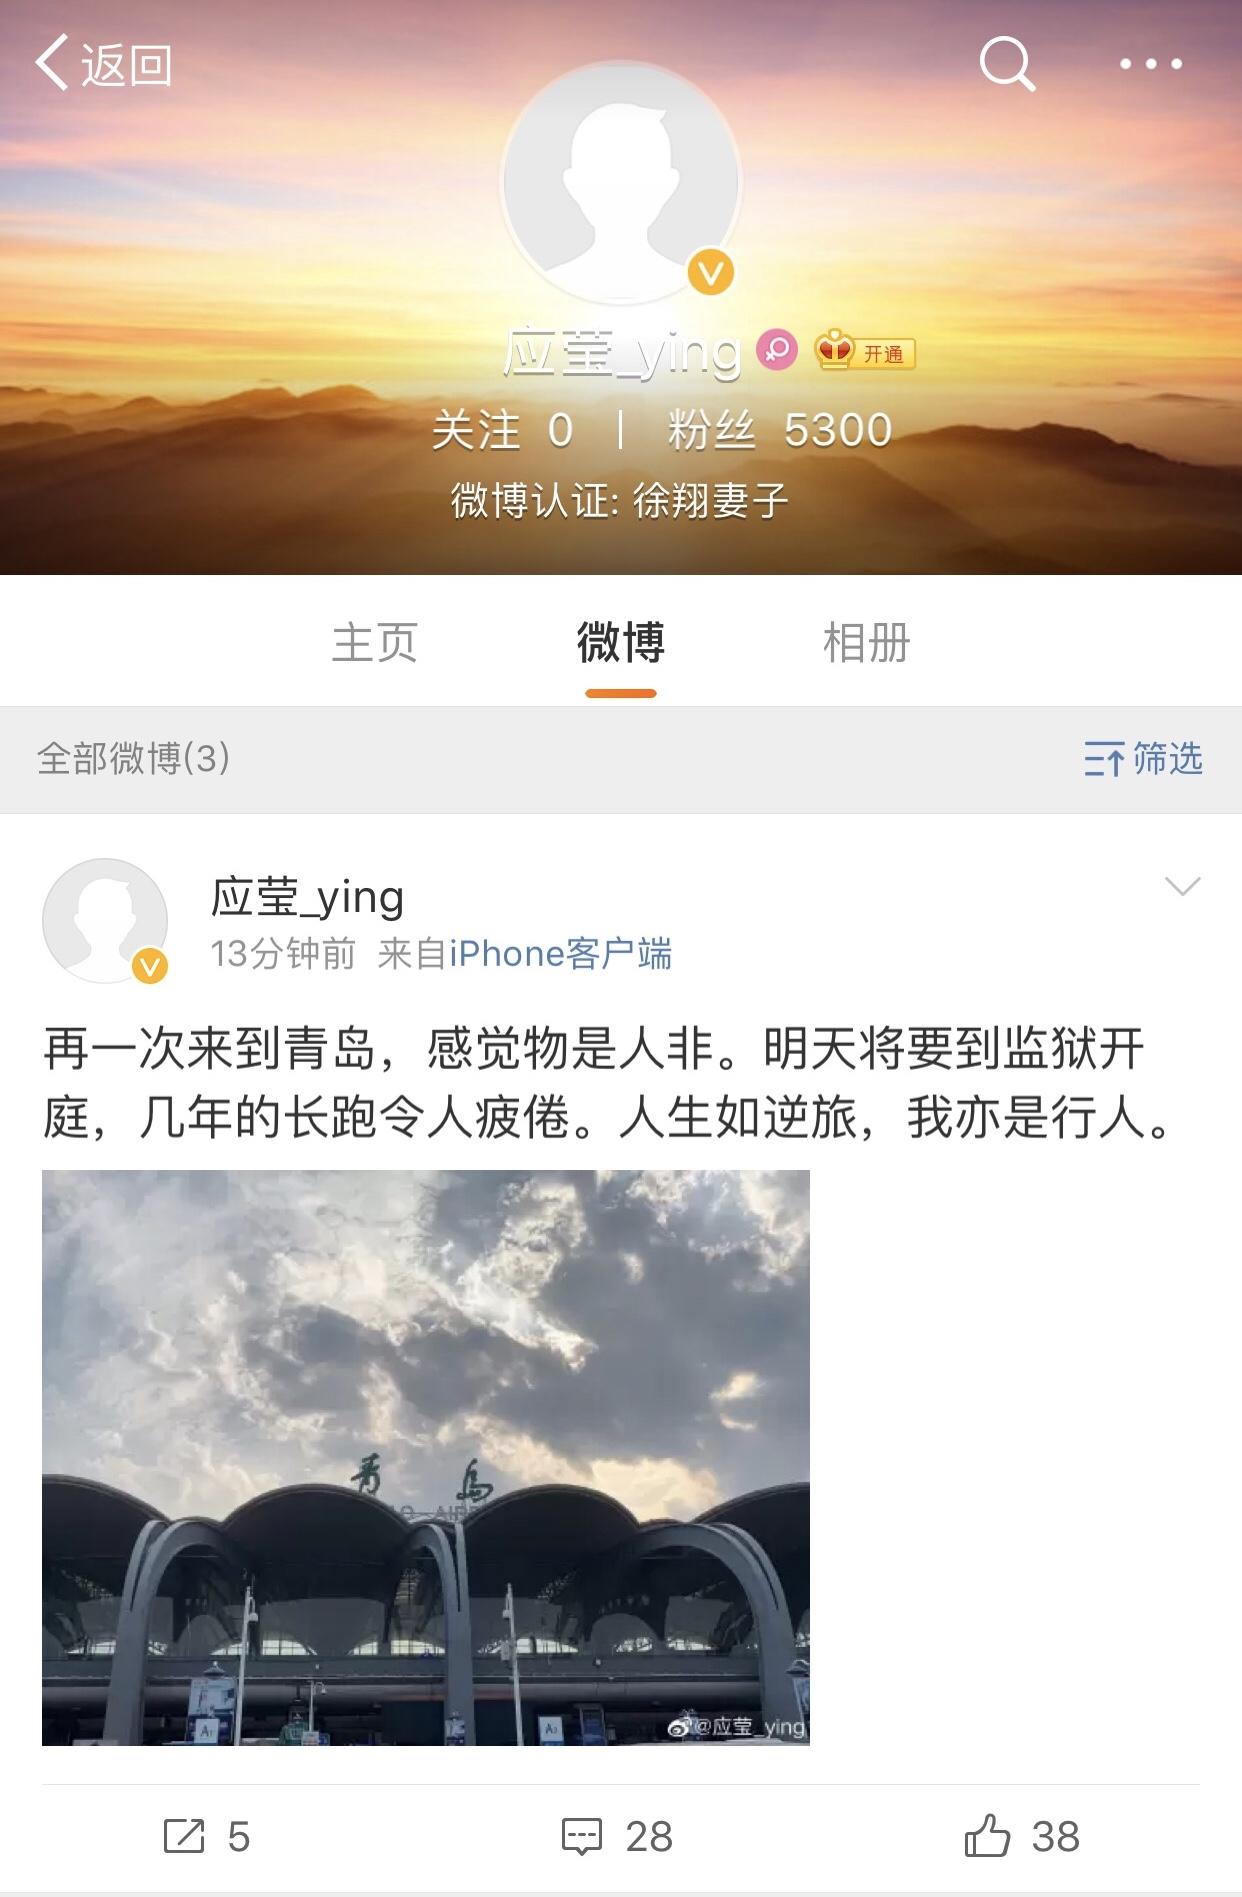 離婚案庭前應瑩微博發聲:幾年的長跑令人疲倦